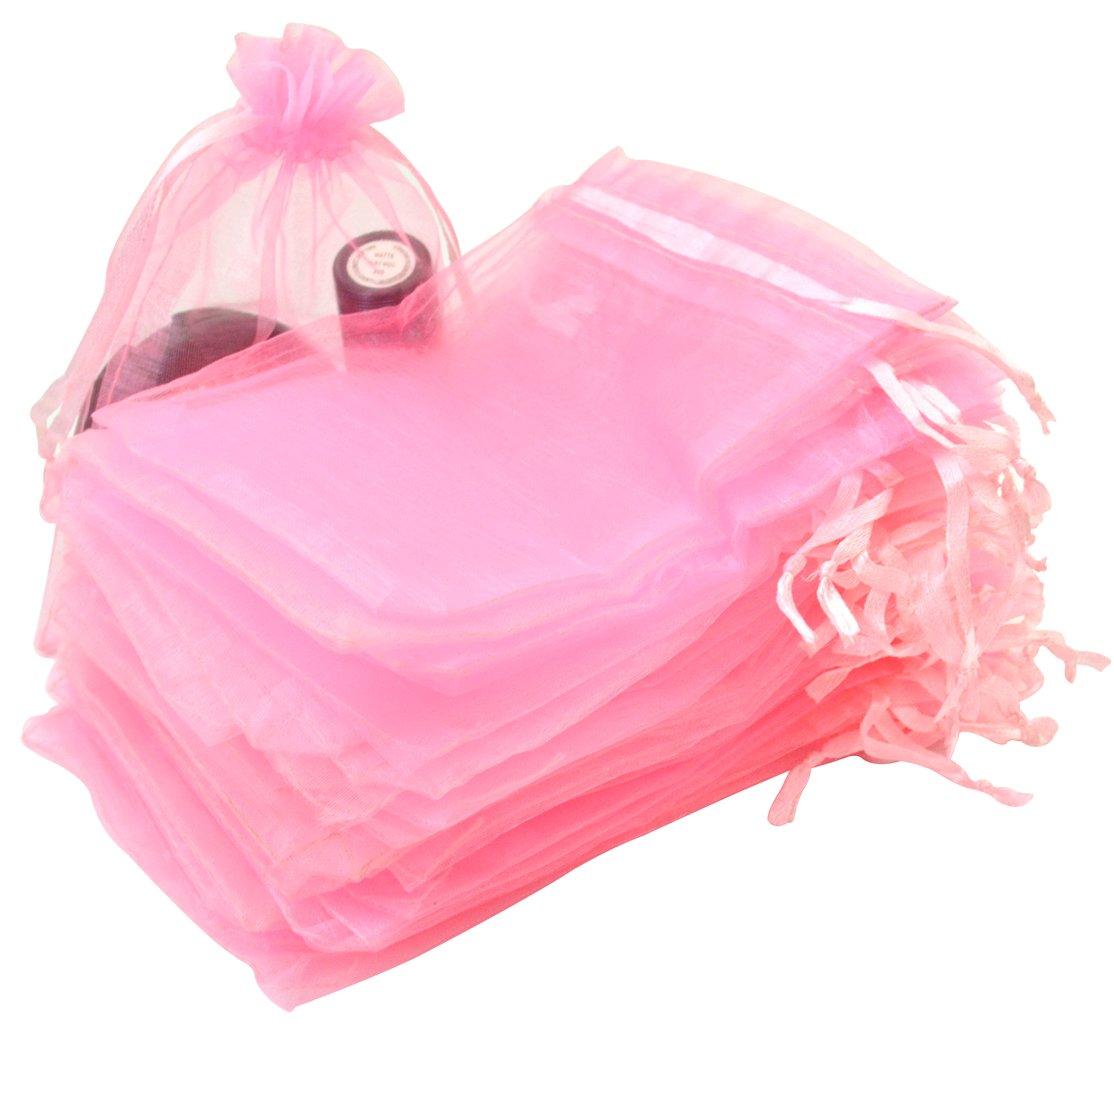 Amazon.com: Tojwi Organza Bags 50pcs 3.54\